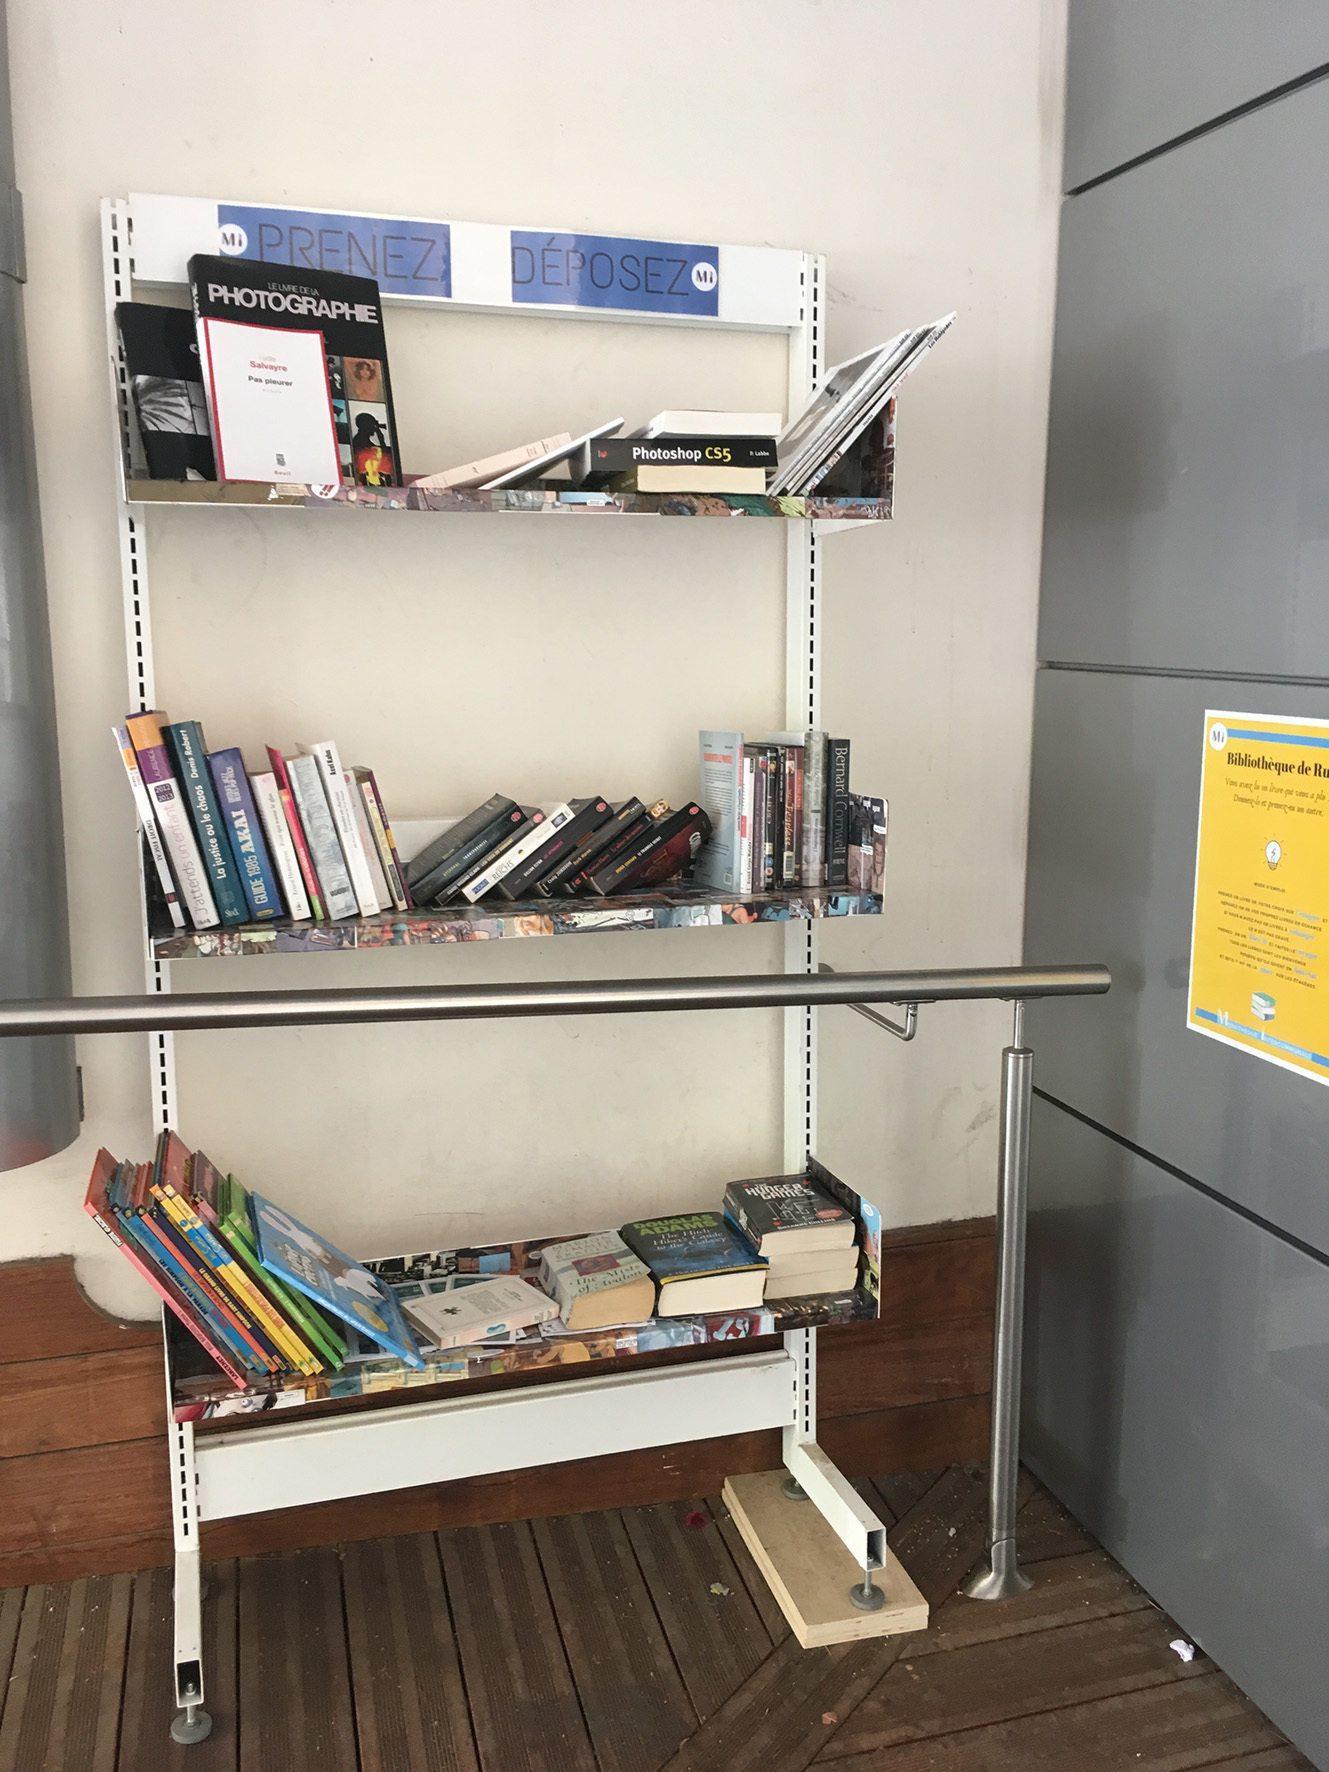 La Bibliothèque de rue se trouve au 104 avenue du 3-Septembre.